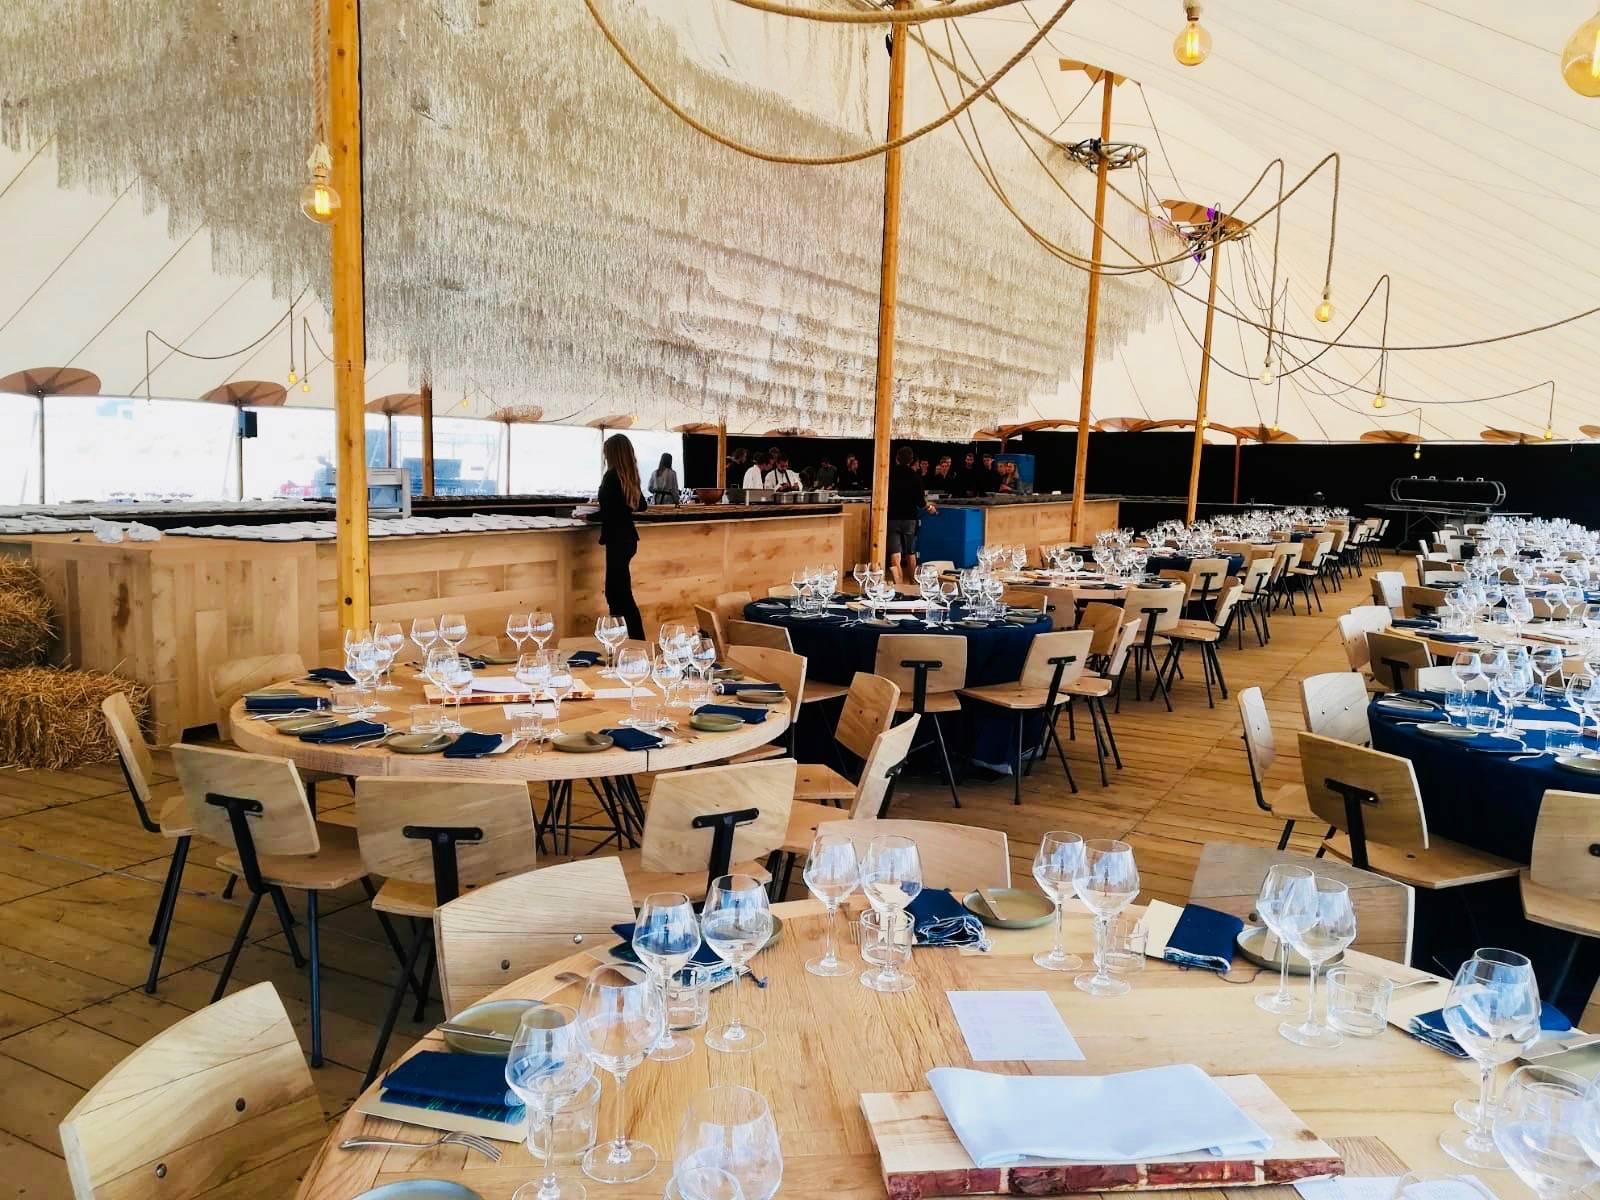 Houtambacht - Eiken Stamtafel - Decoratie - Verhuur materiaal - Huwelijk Trouw Bruiloft - House of Weddings - 21